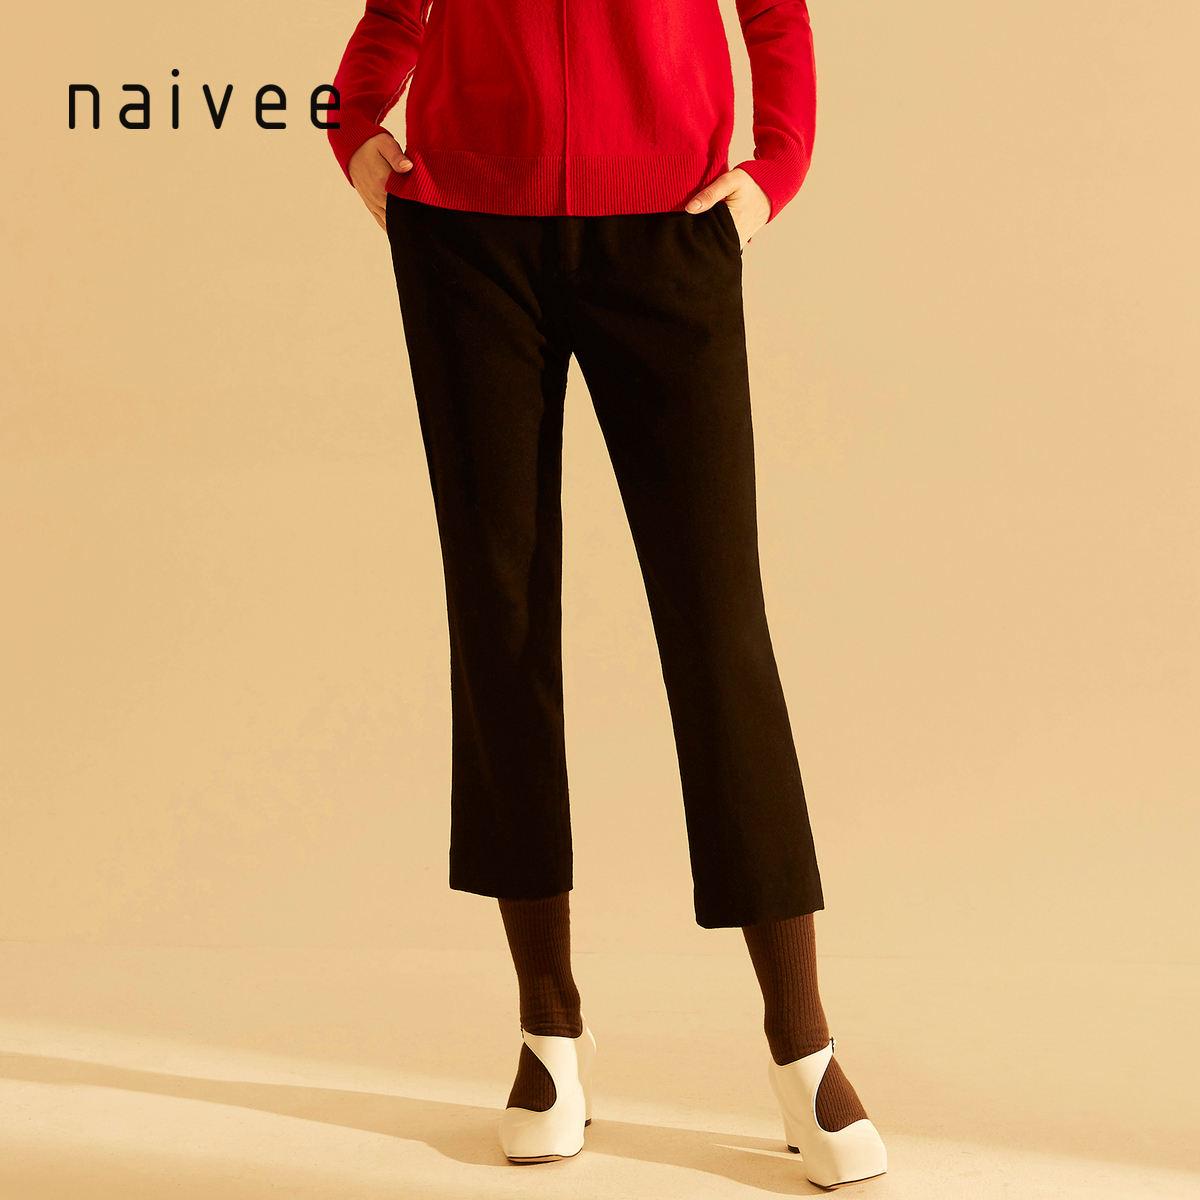 Venta Al Por Mayor Modelo De Pantalones De Vestir Para Dama Compre Online Los Mejores Modelo De Pantalones De Vestir Para Dama Lotes De China Modelo De Pantalones De Vestir Para Dama A